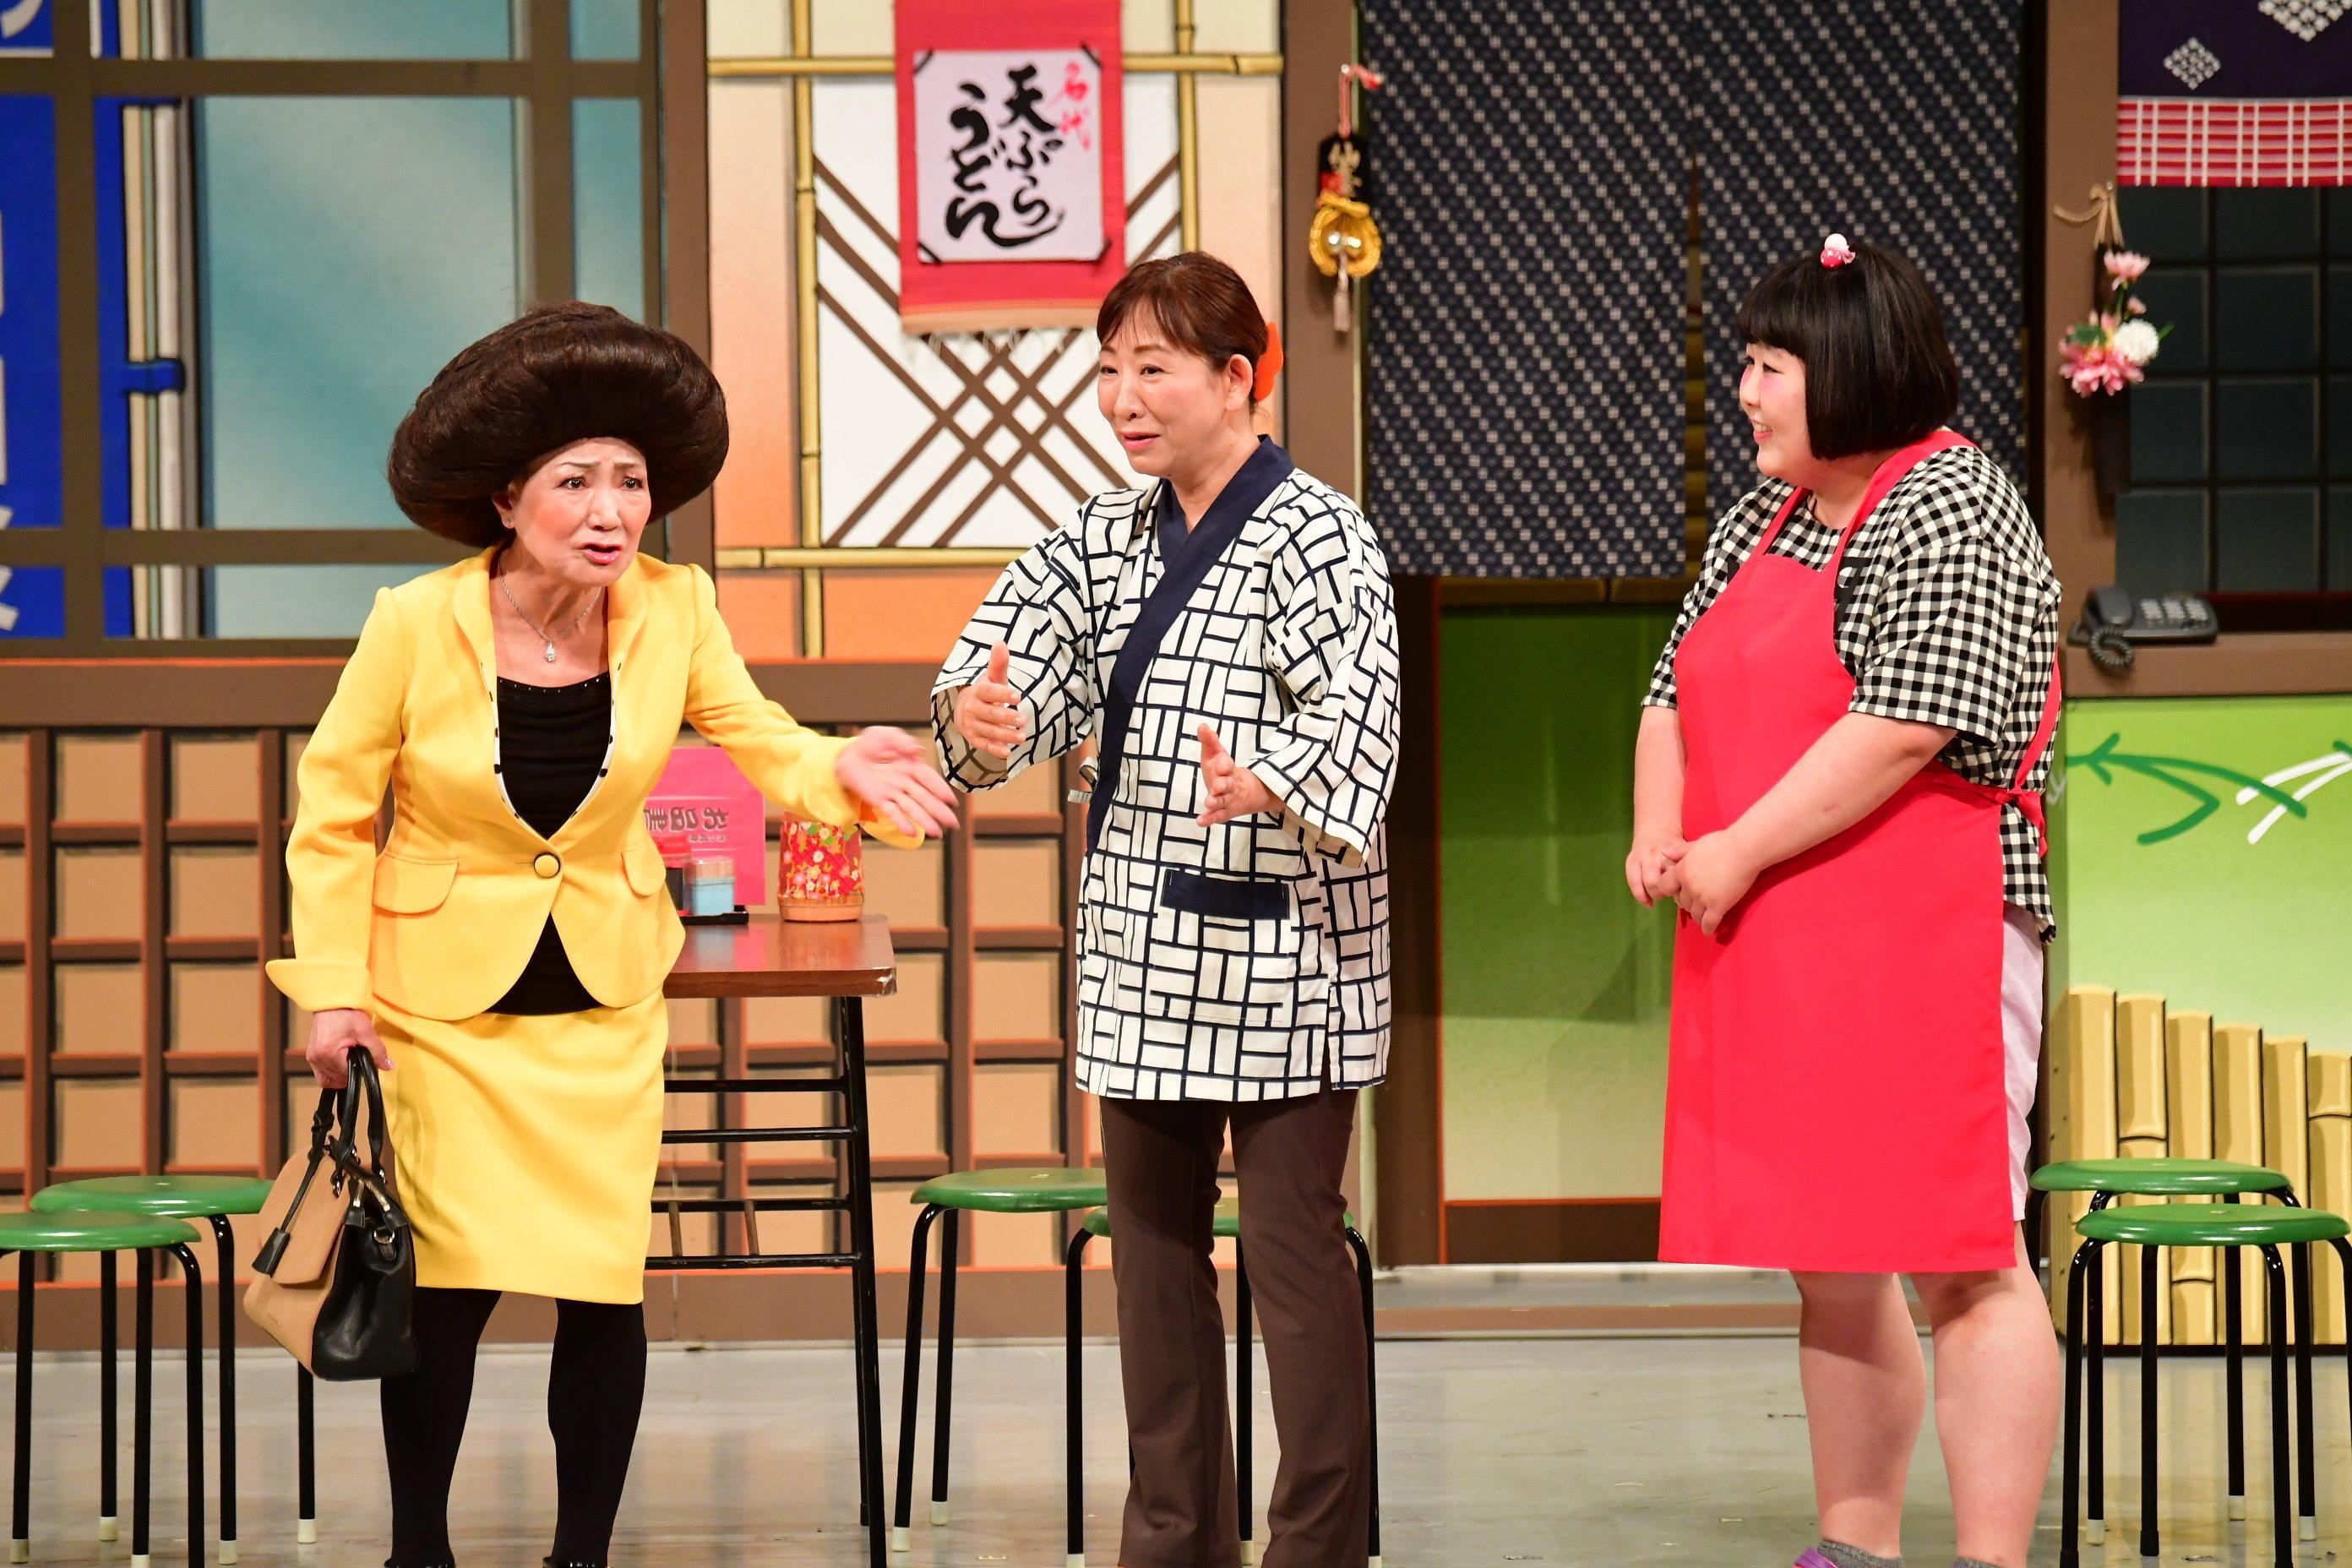 http://news.yoshimoto.co.jp/20180831235444-291abdc1fddc62679b8107a961d32e03716778f7.jpg